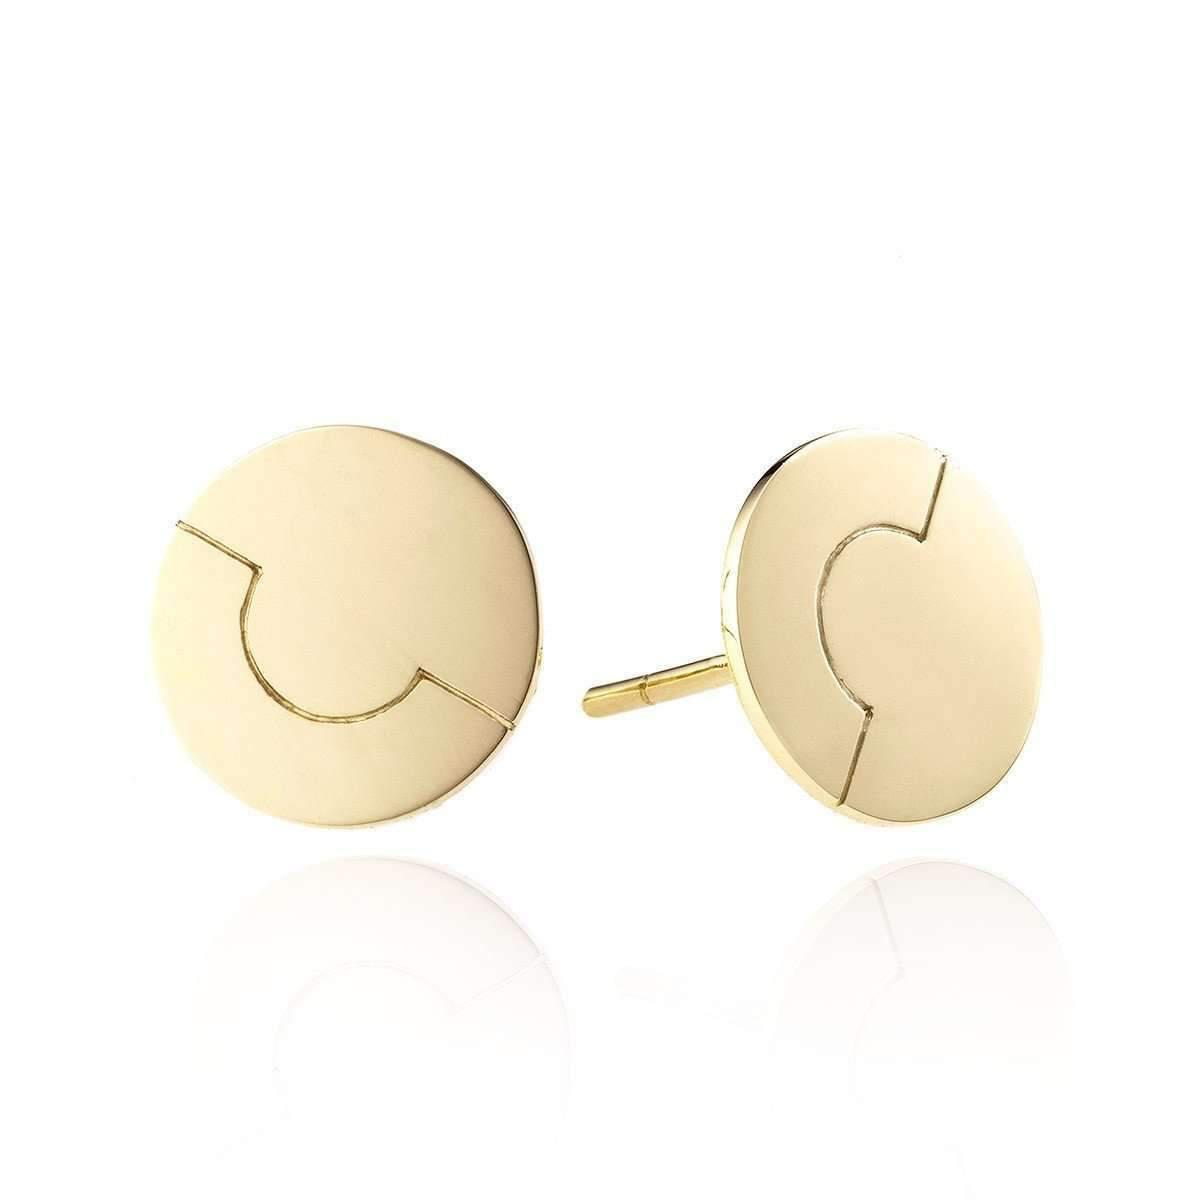 Lani Vincoli 9mm Signature White Gold Earrings TxSD3C